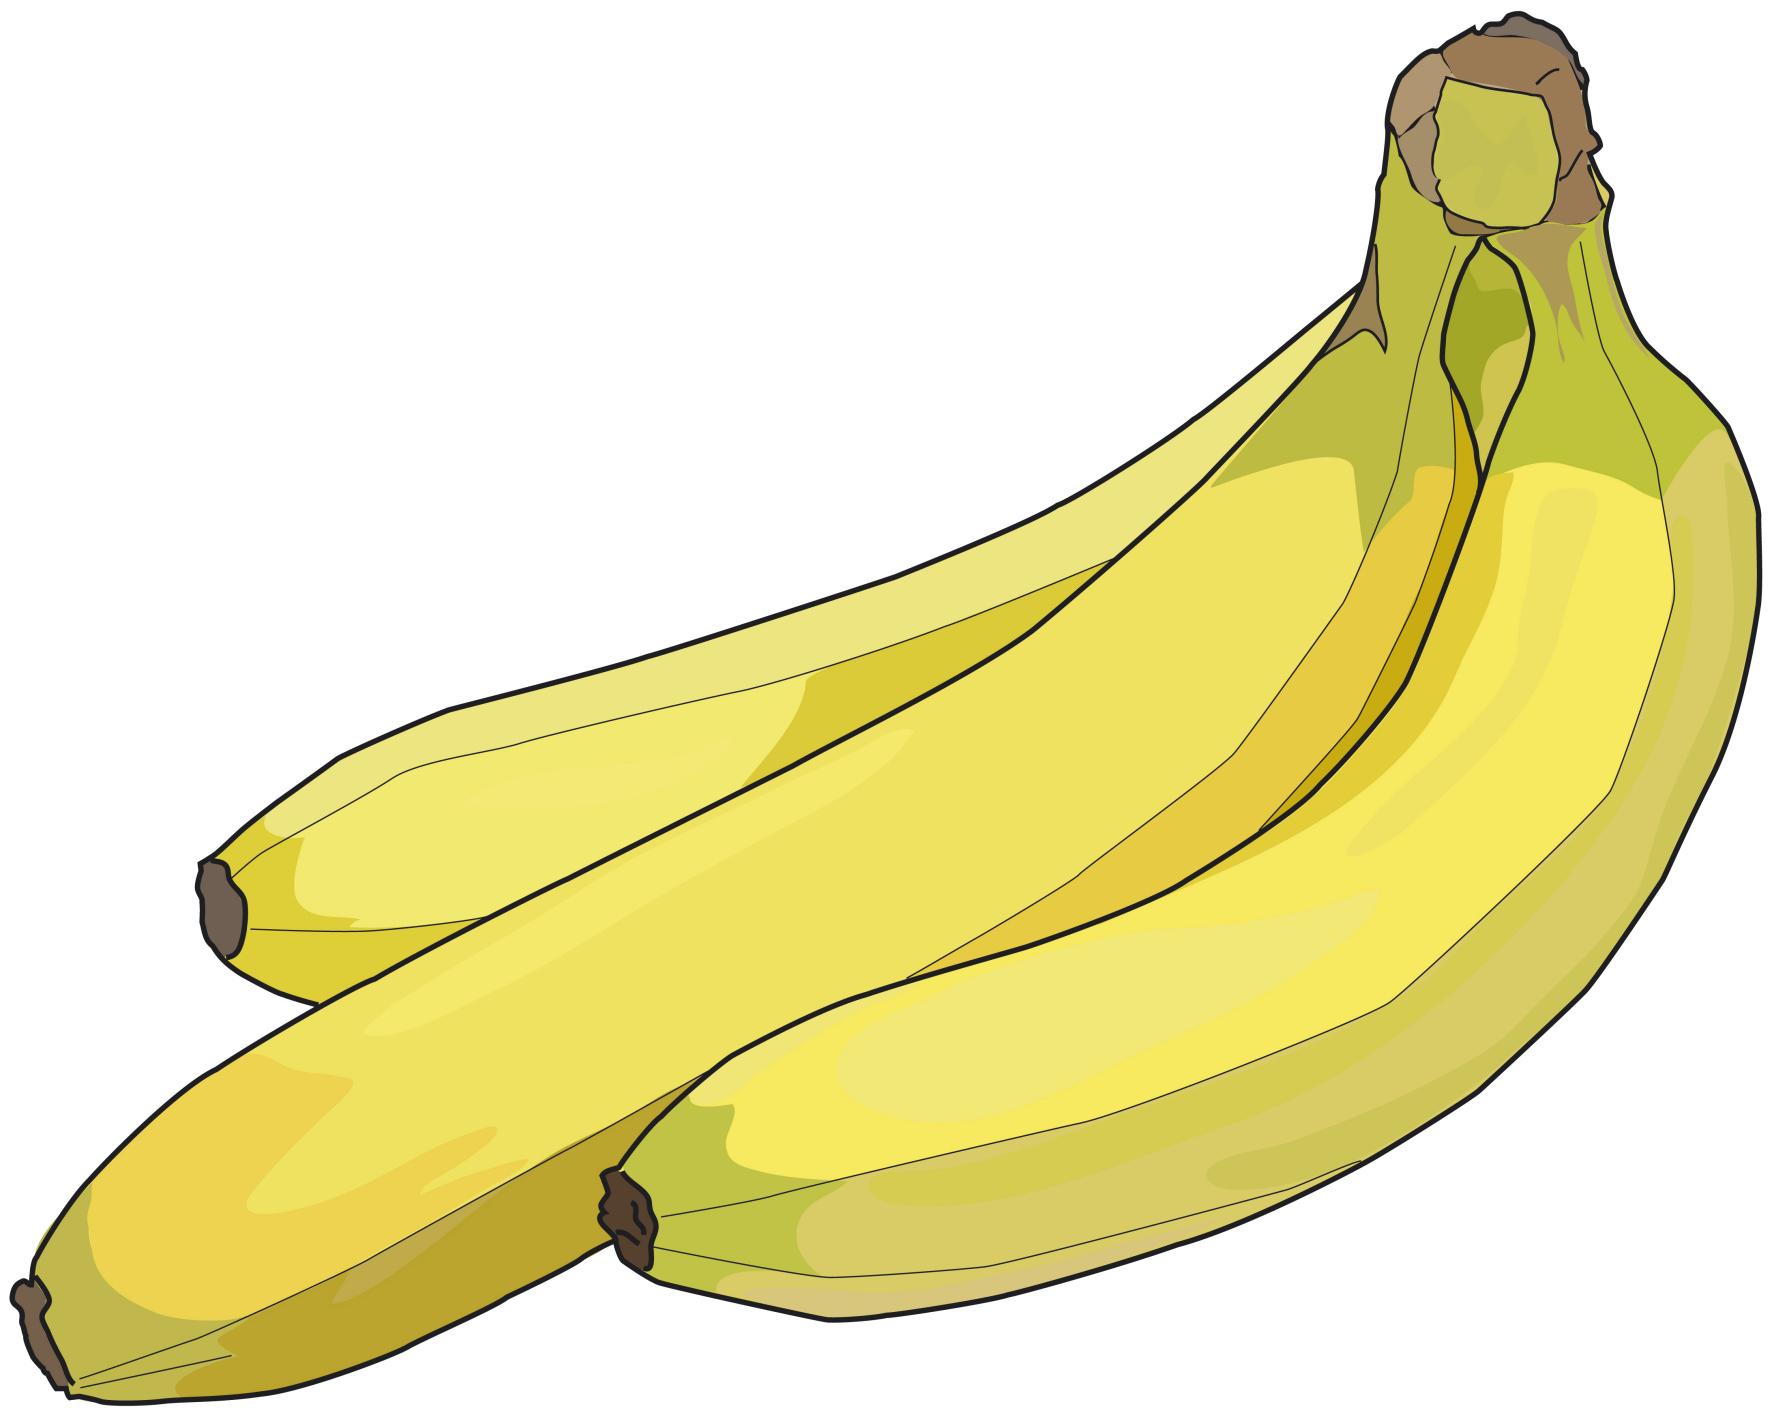 Dessins En Couleurs À Imprimer : Banane, Numéro : 22848 à Dessiner Une Banane